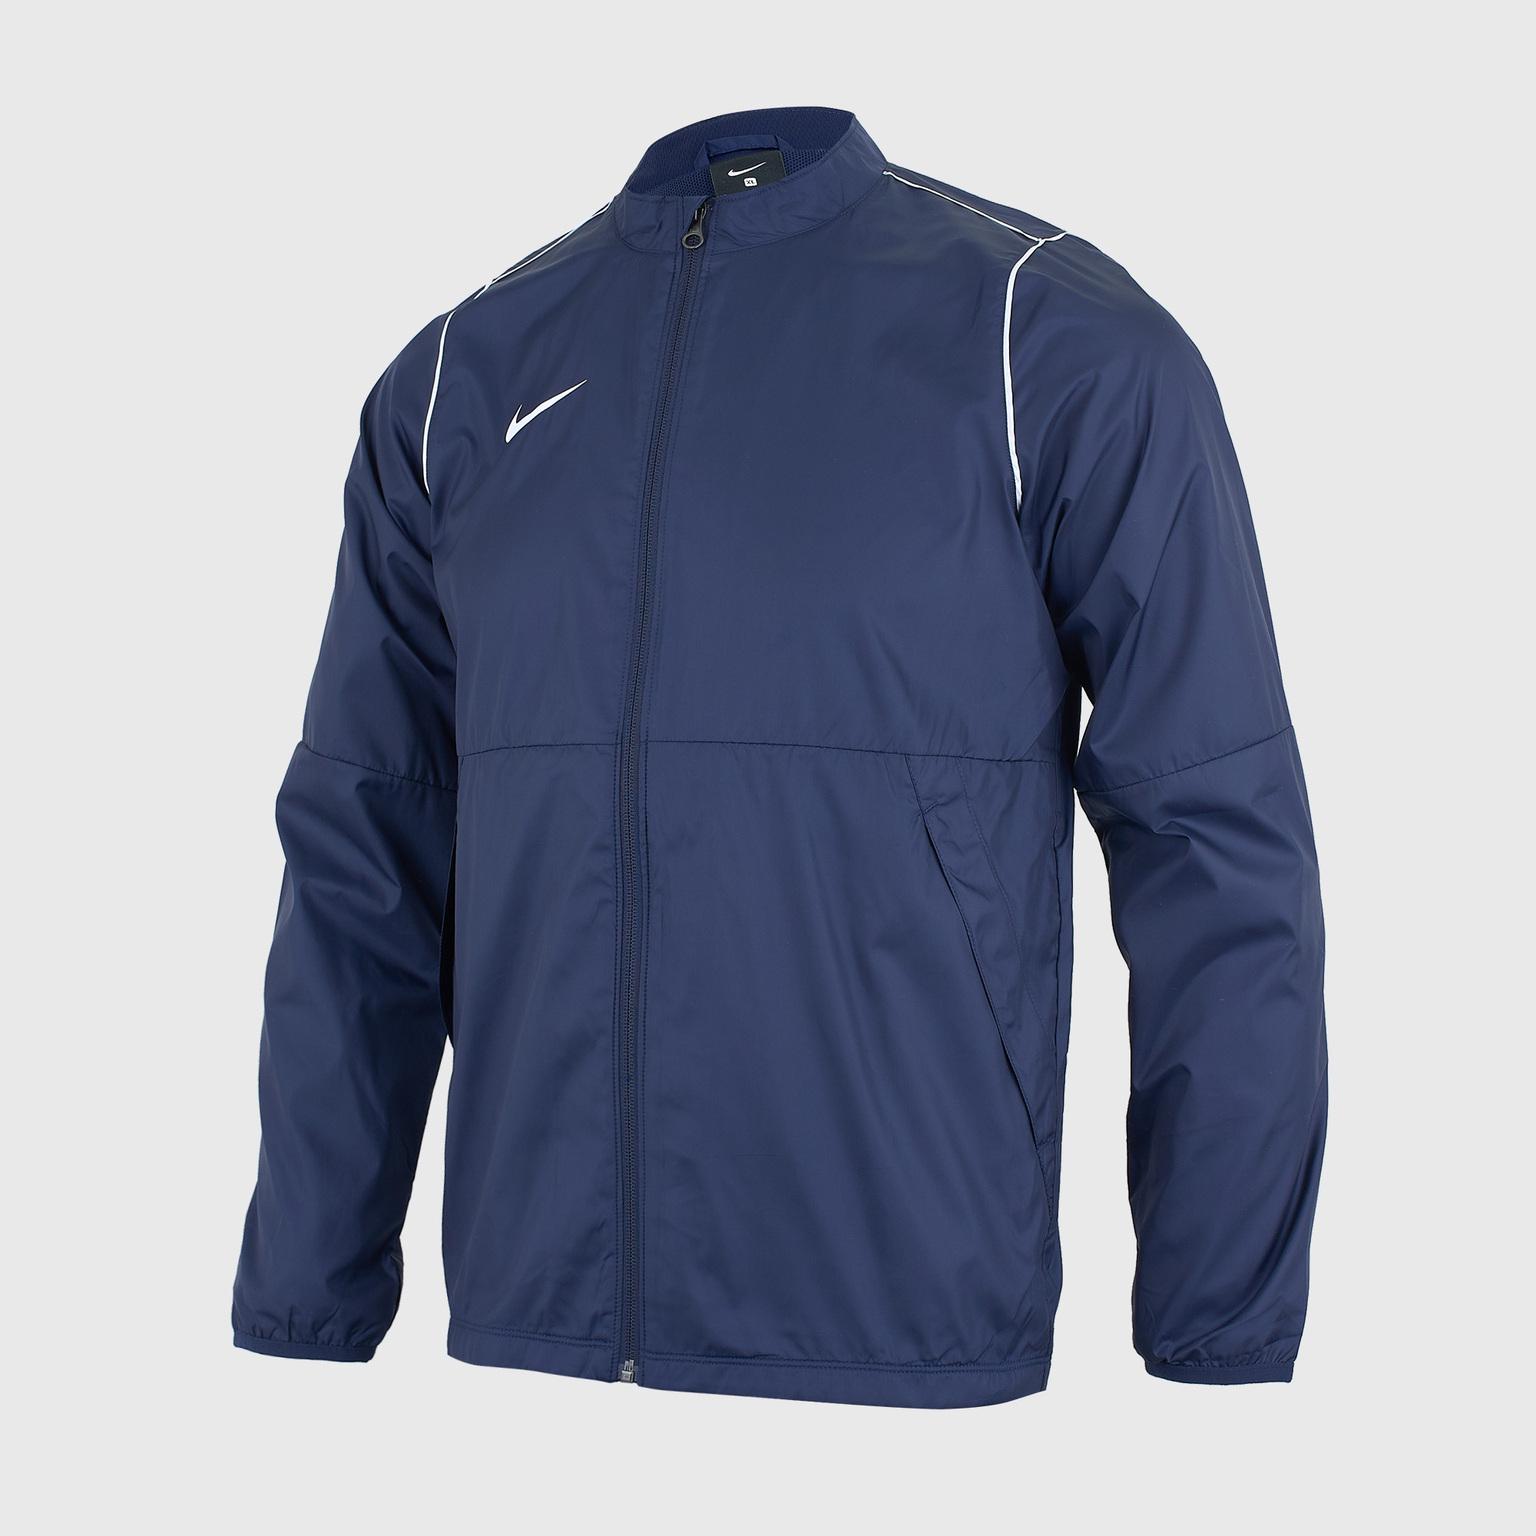 Ветровка подростковая Nike RPL Park20 Rain BV6904-451 футболка подростковая nike team club blend tee 658494 451